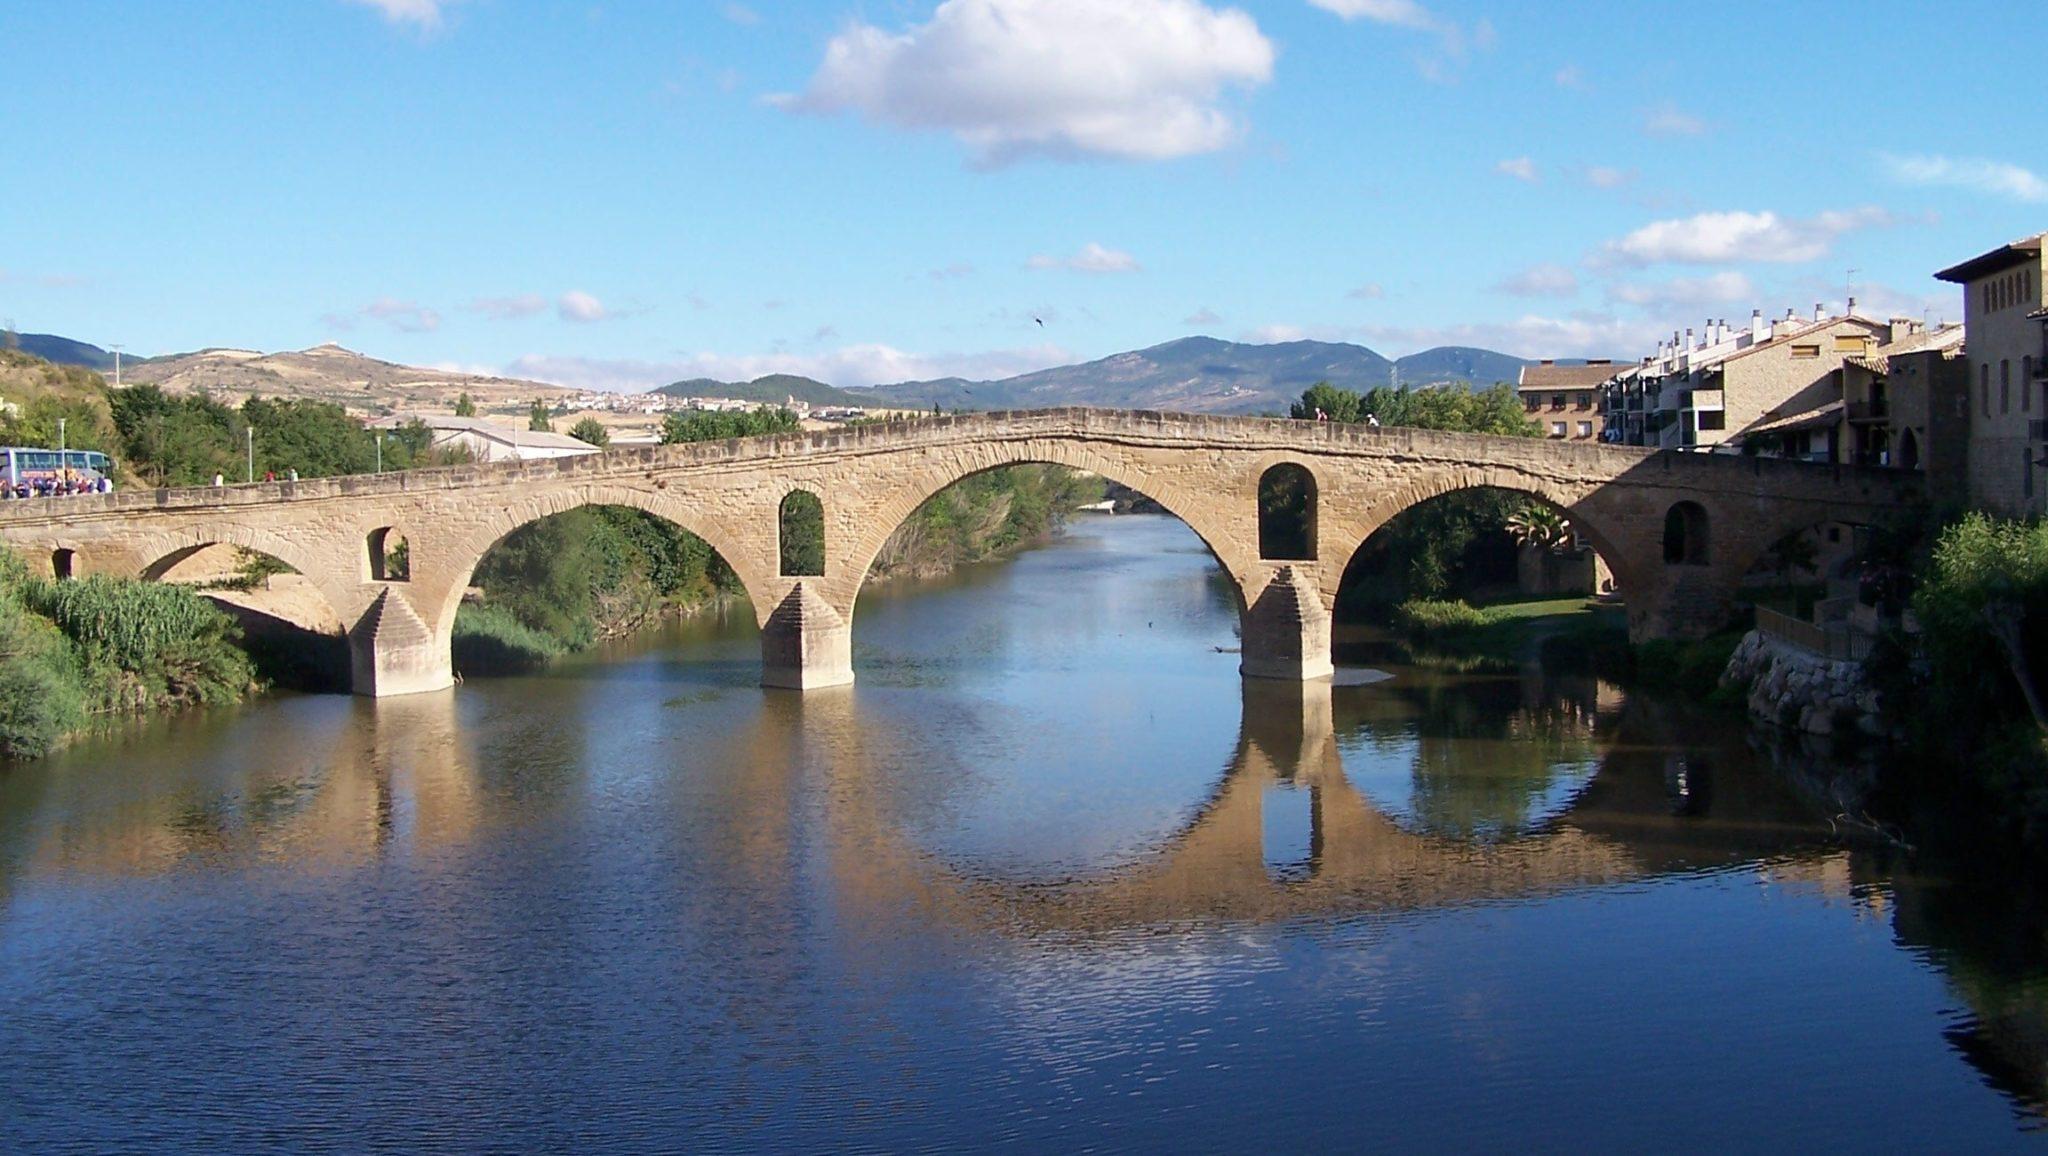 Puente_de_la_Reina Camino Francés